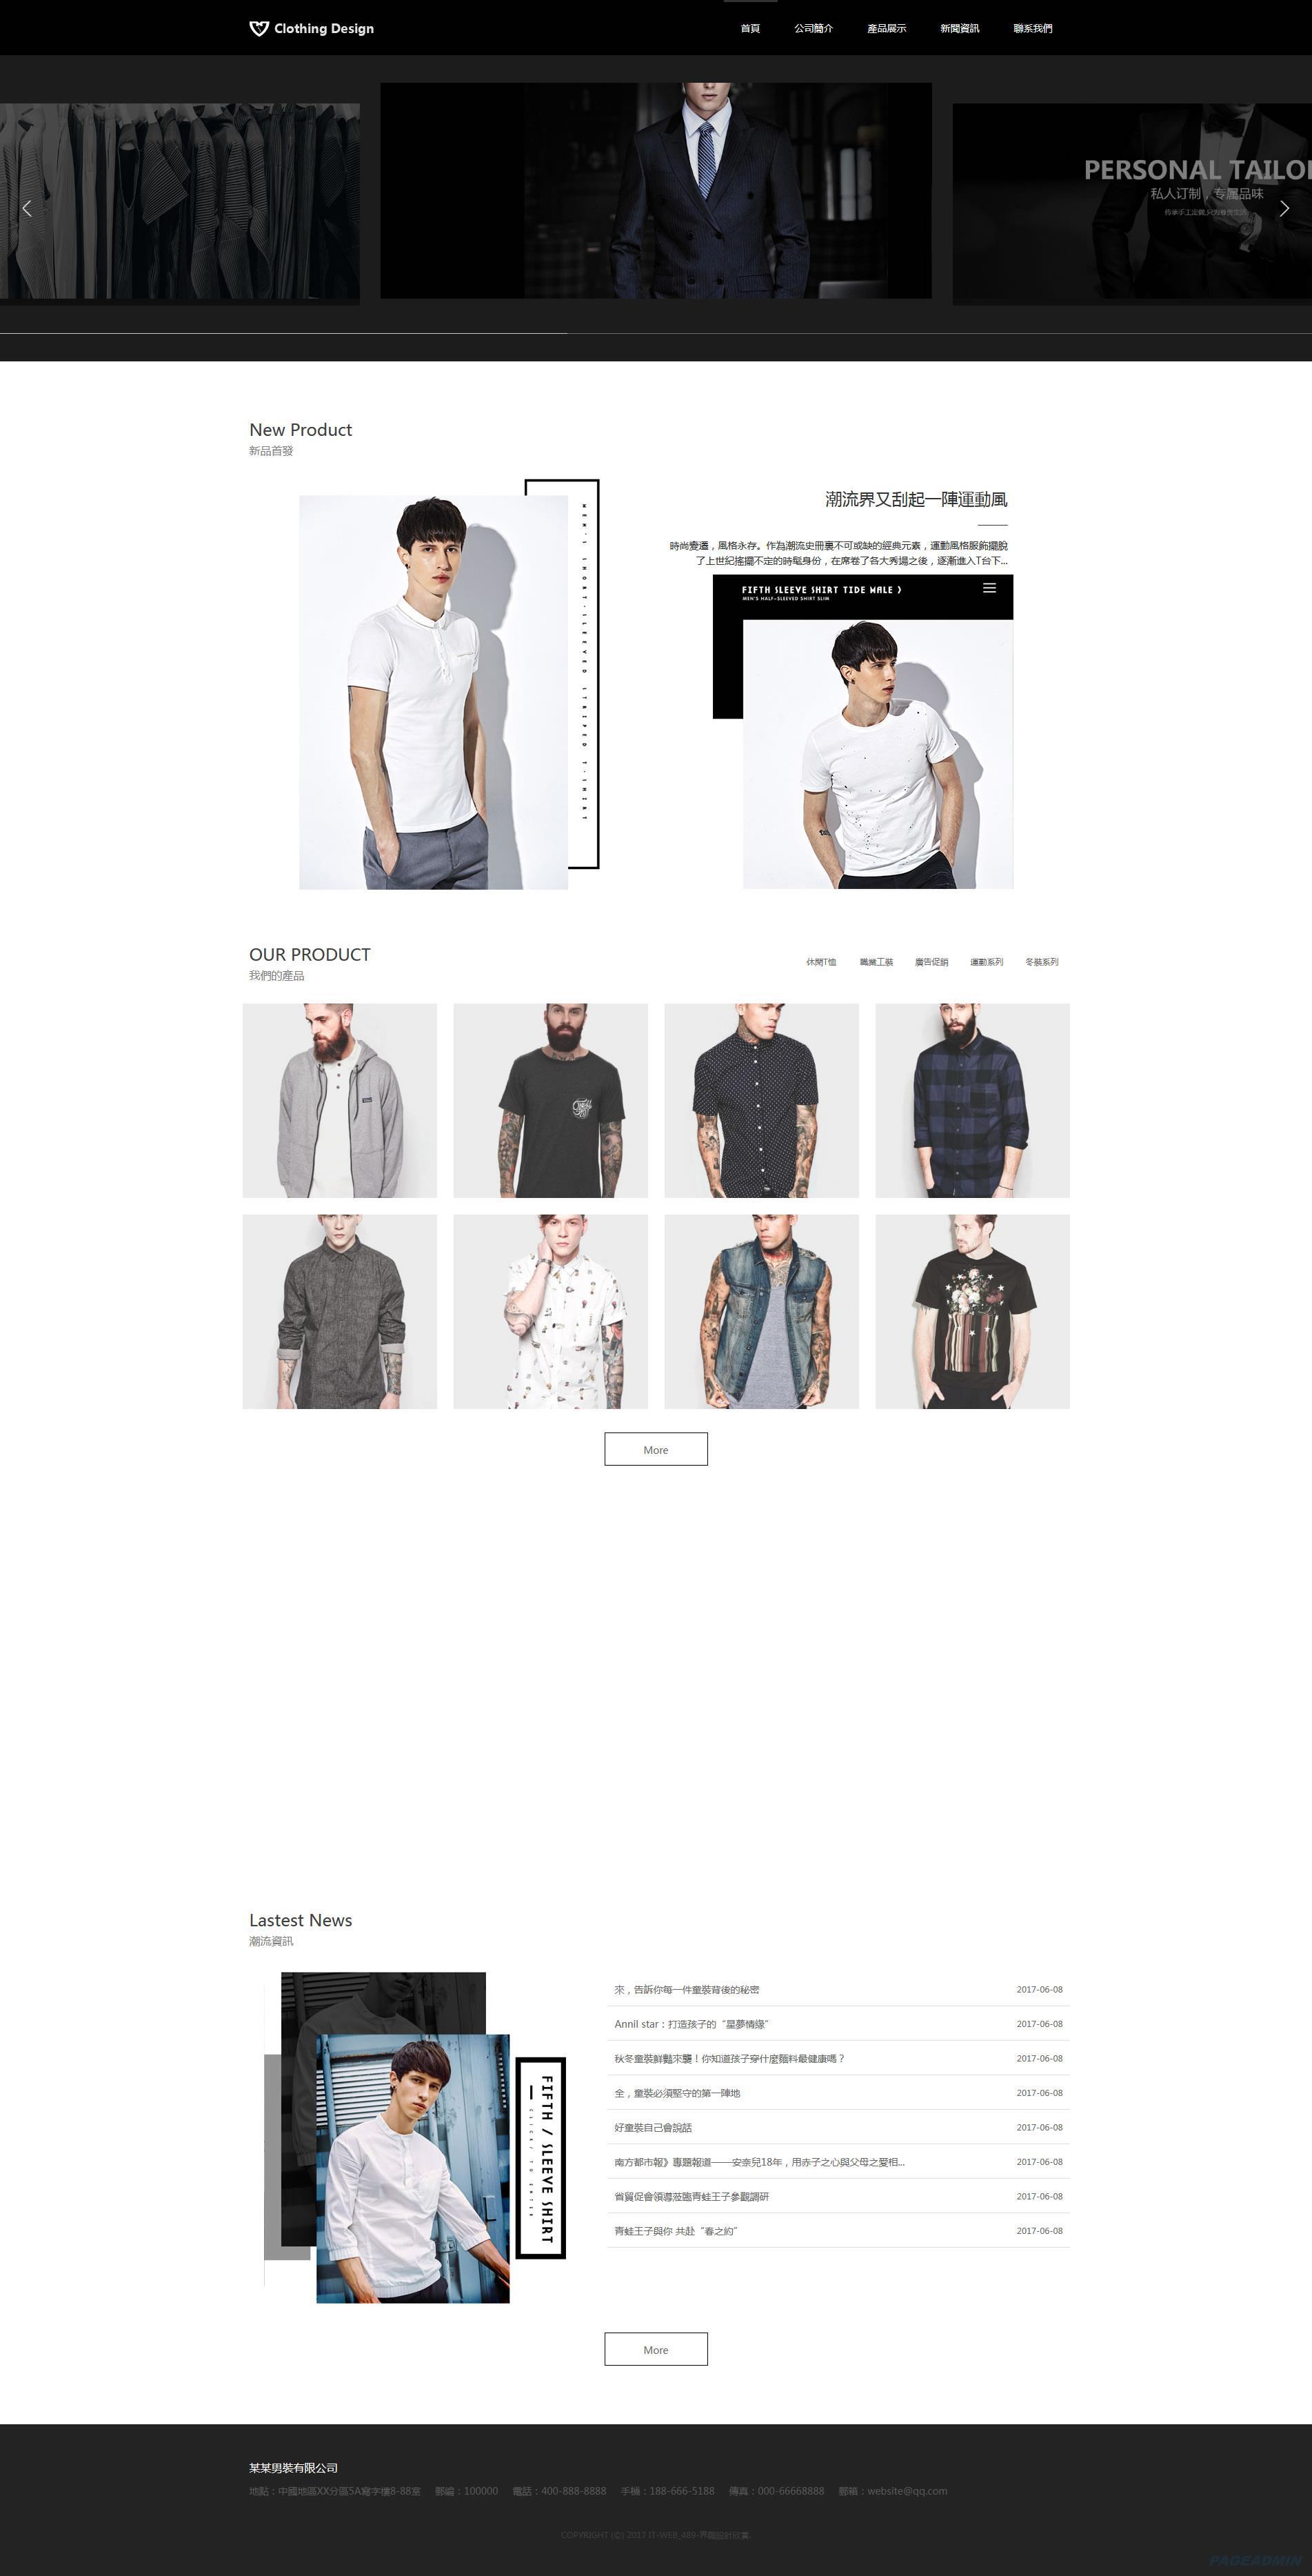 服饰公司网站模板